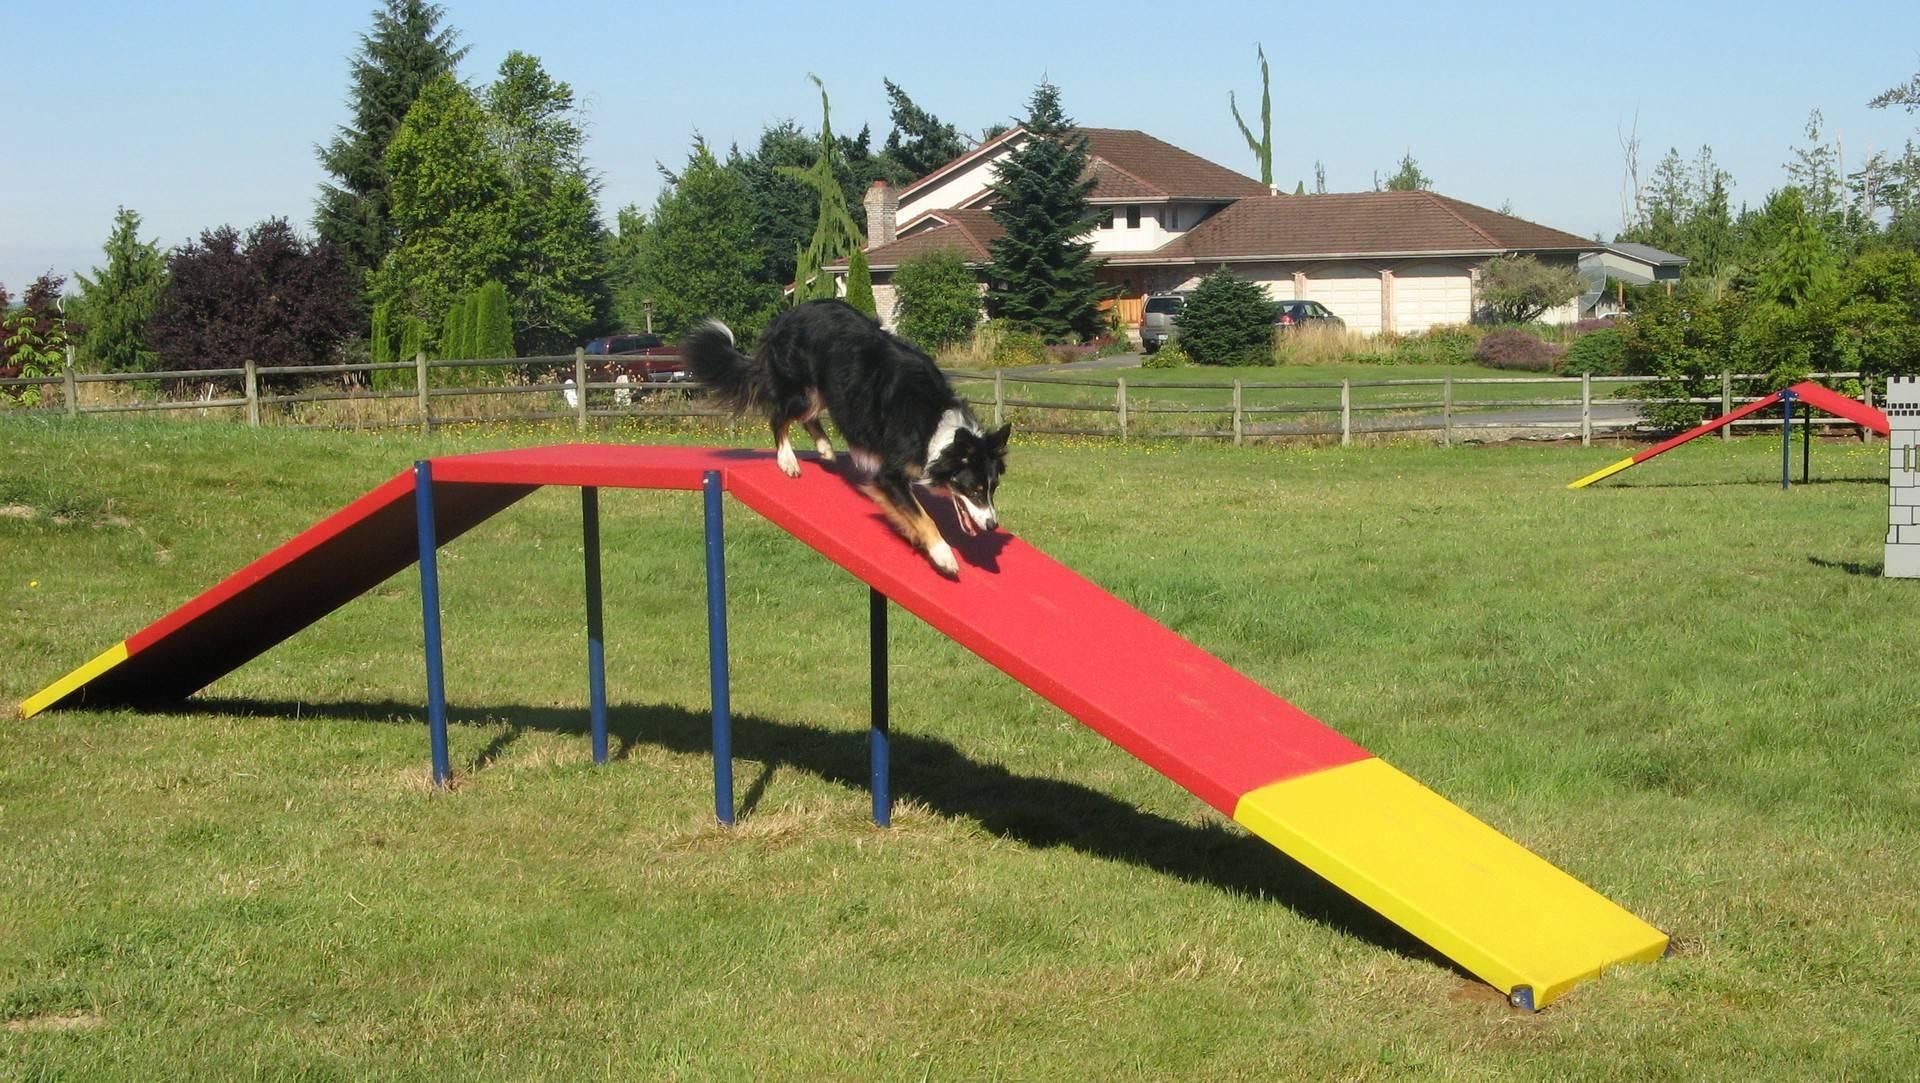 Аджилити для собак - что это, виды снарядов на площадке (трассе), лучшие породы, правила спорта. как начать тренировки, где пройти обучение аджилити - dogtricks.ru